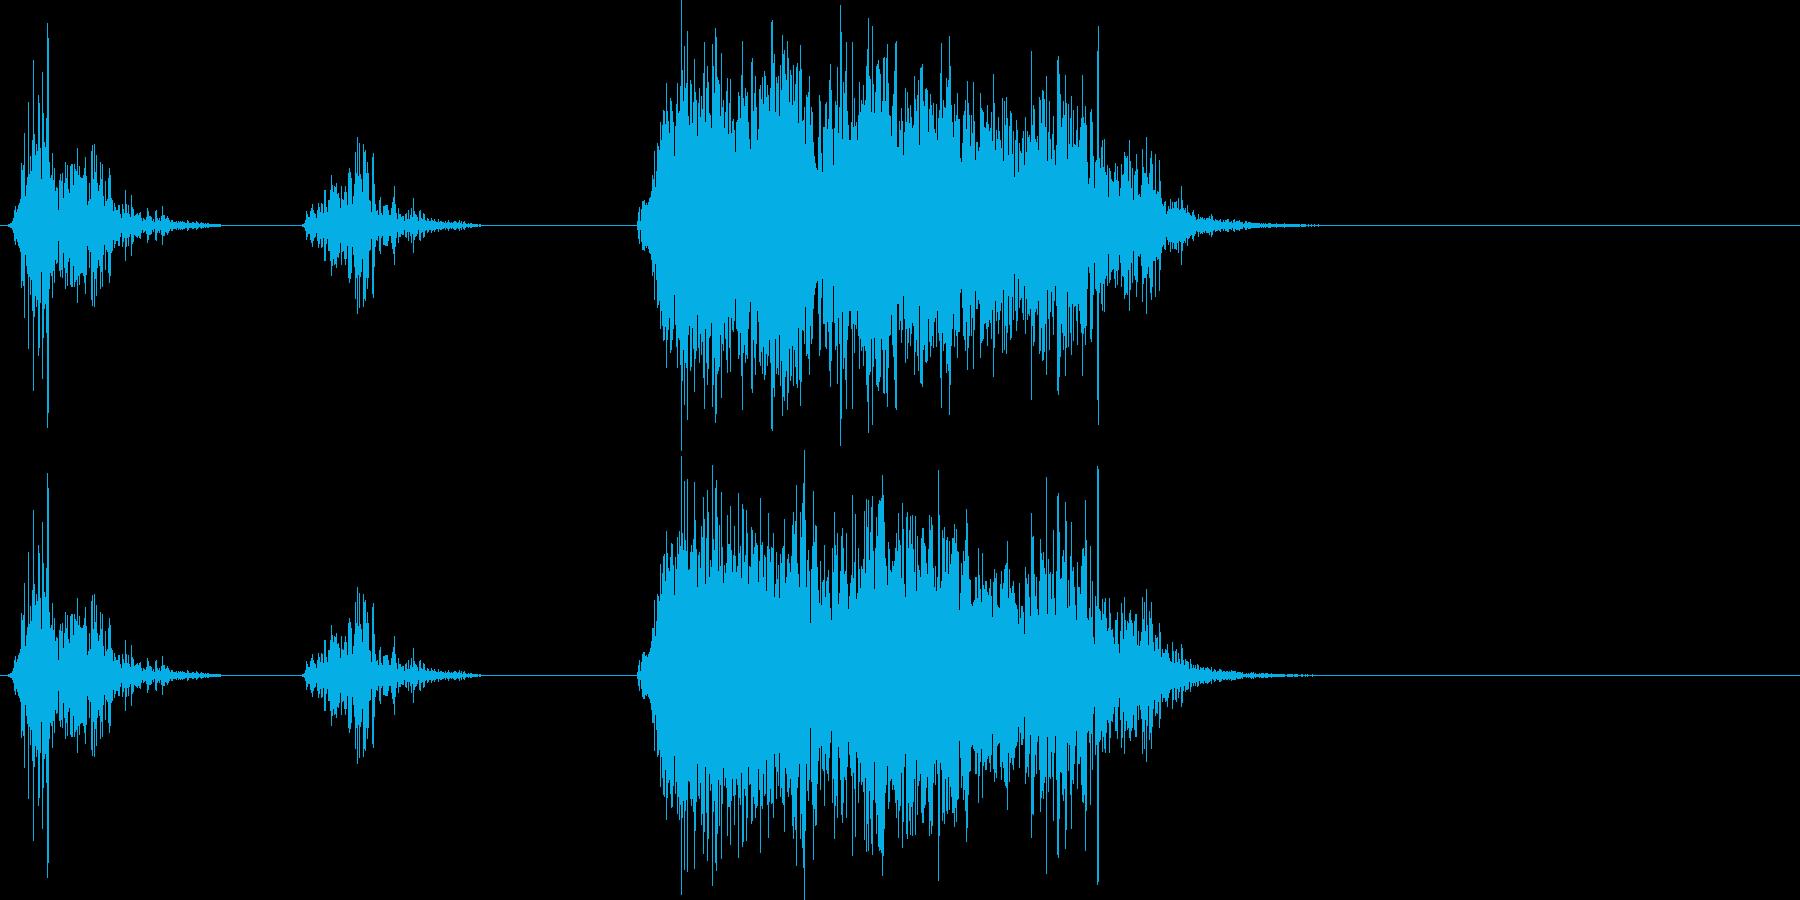 モンスターの咆哮音の再生済みの波形